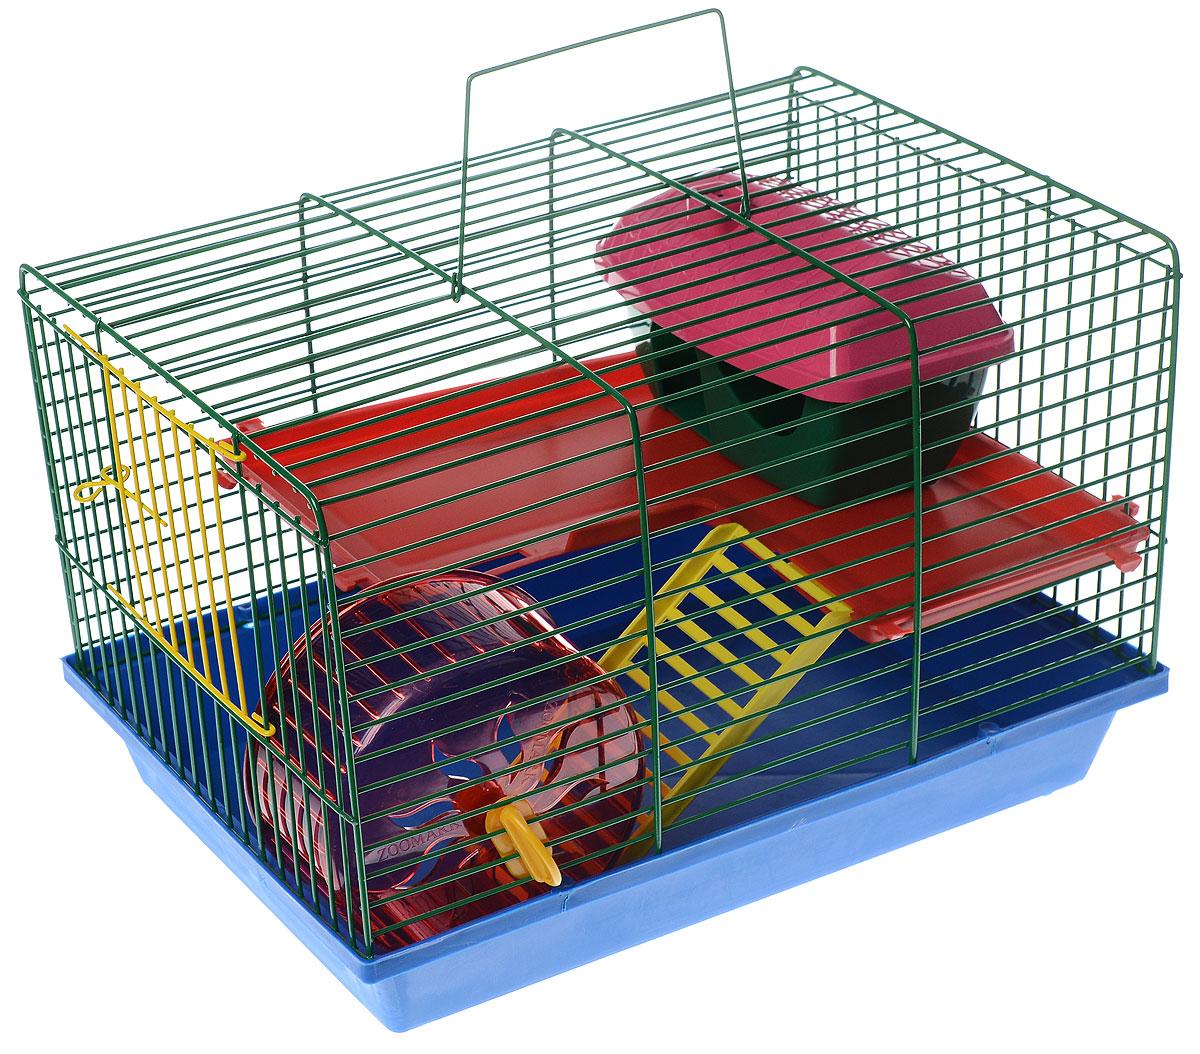 Клетка для грызунов ЗооМарк, 2-этажная, цвет: синий поддон, зеленая решетка, красный этаж, 36 х 23 х 24 см0120710Клетка ЗооМарк, выполненная из полипропилена и металла, подходит для мелких грызунов. Изделие двухэтажное, оборудовано колесом для подвижных игр и пластиковым домиком. Клетка имеет яркий поддон, удобна в использовании и легко чистится. Сверху имеется ручка для переноски. Такая клетка станет уединенным личным пространством и уютным домиком для маленького грызуна.